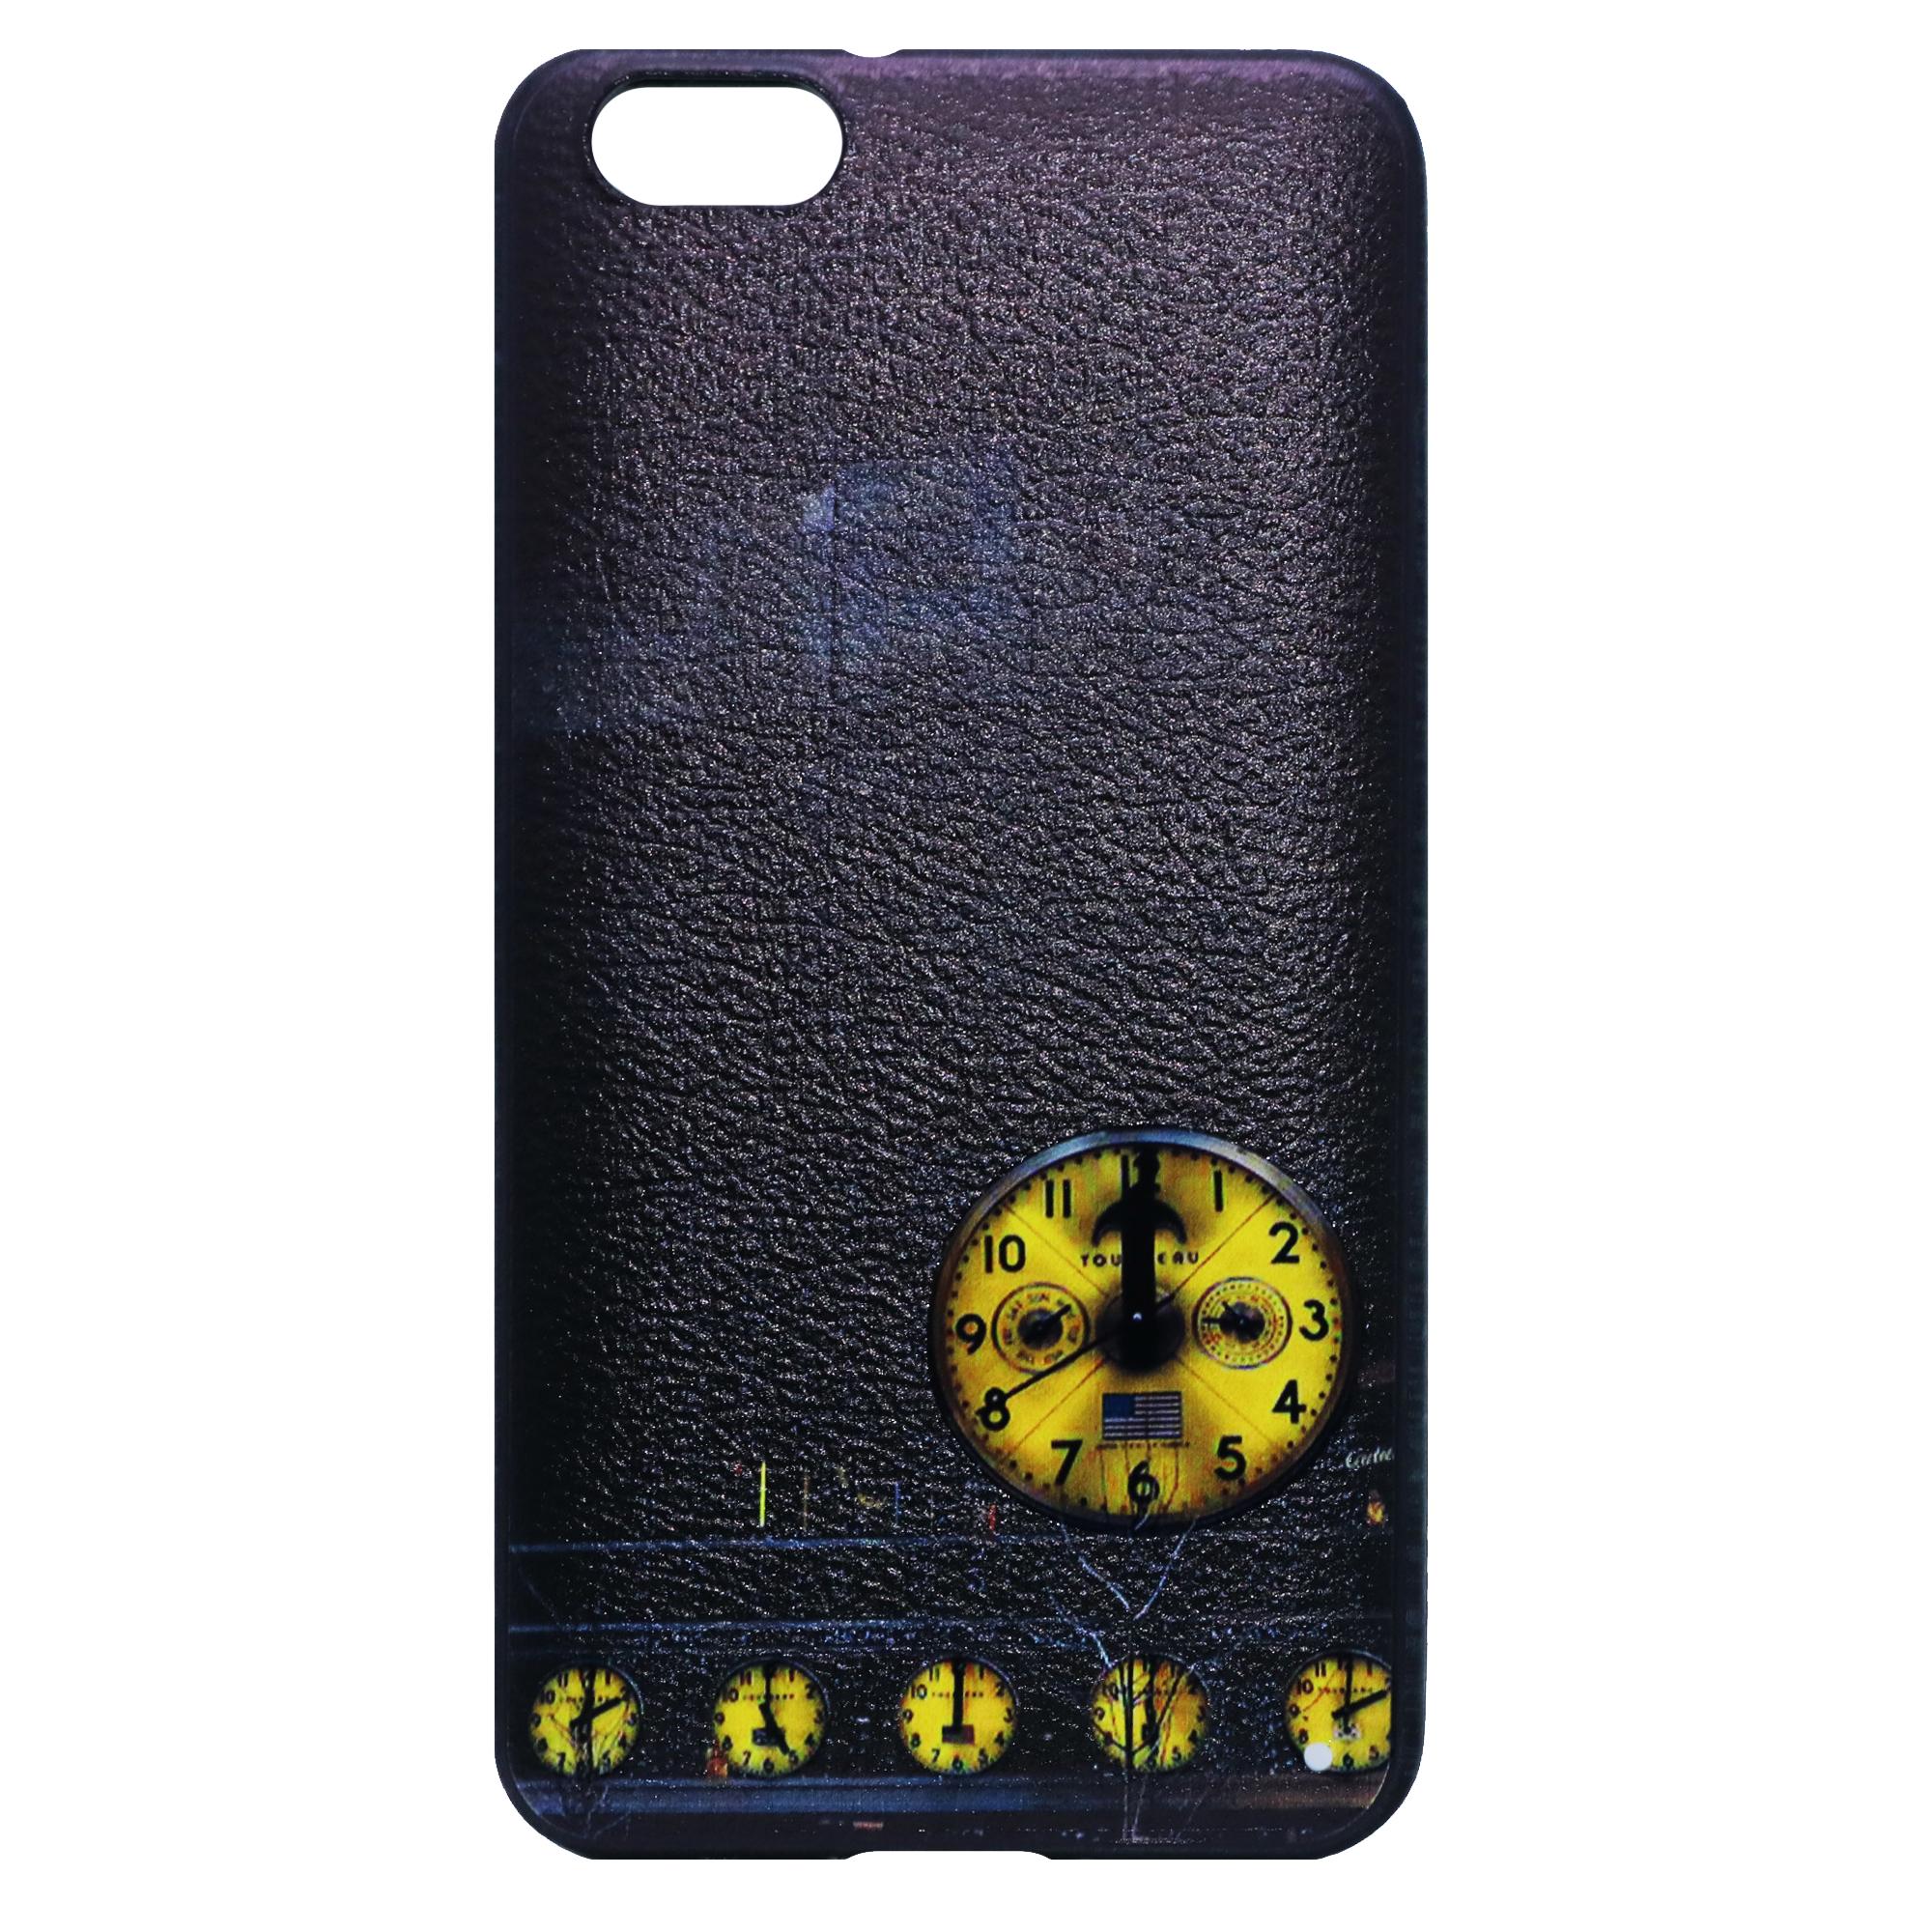 کاور طرح ساعت مدل RB-1 مناسب برای گوشی موبایل آنر 4X